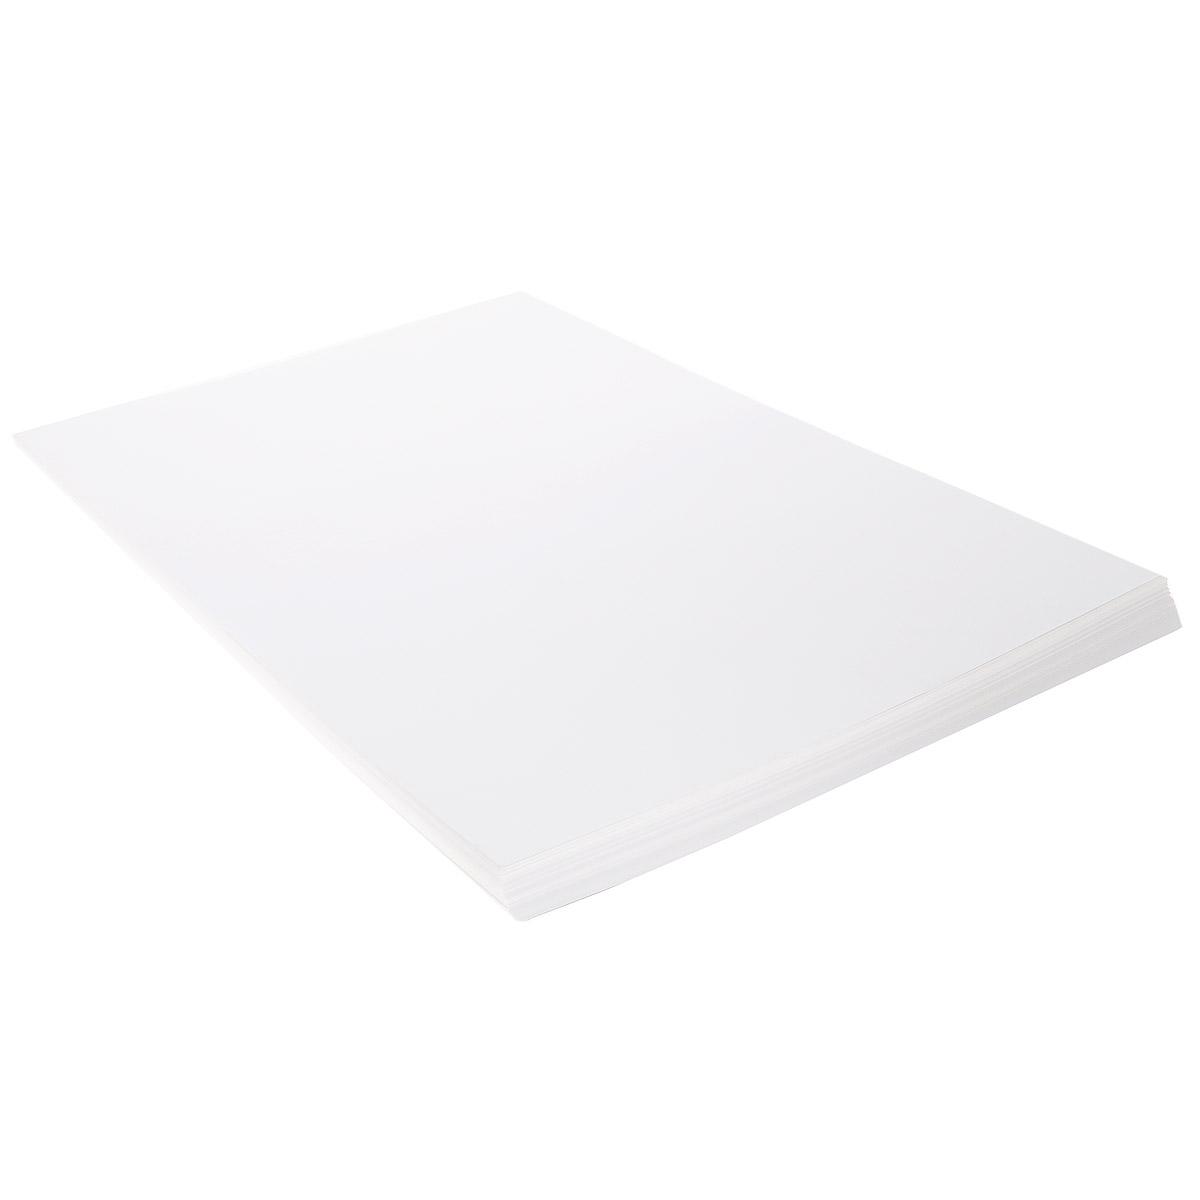 Бумага для черчения  Гознак , 100 листов, формат A2 -  Бумага и картон